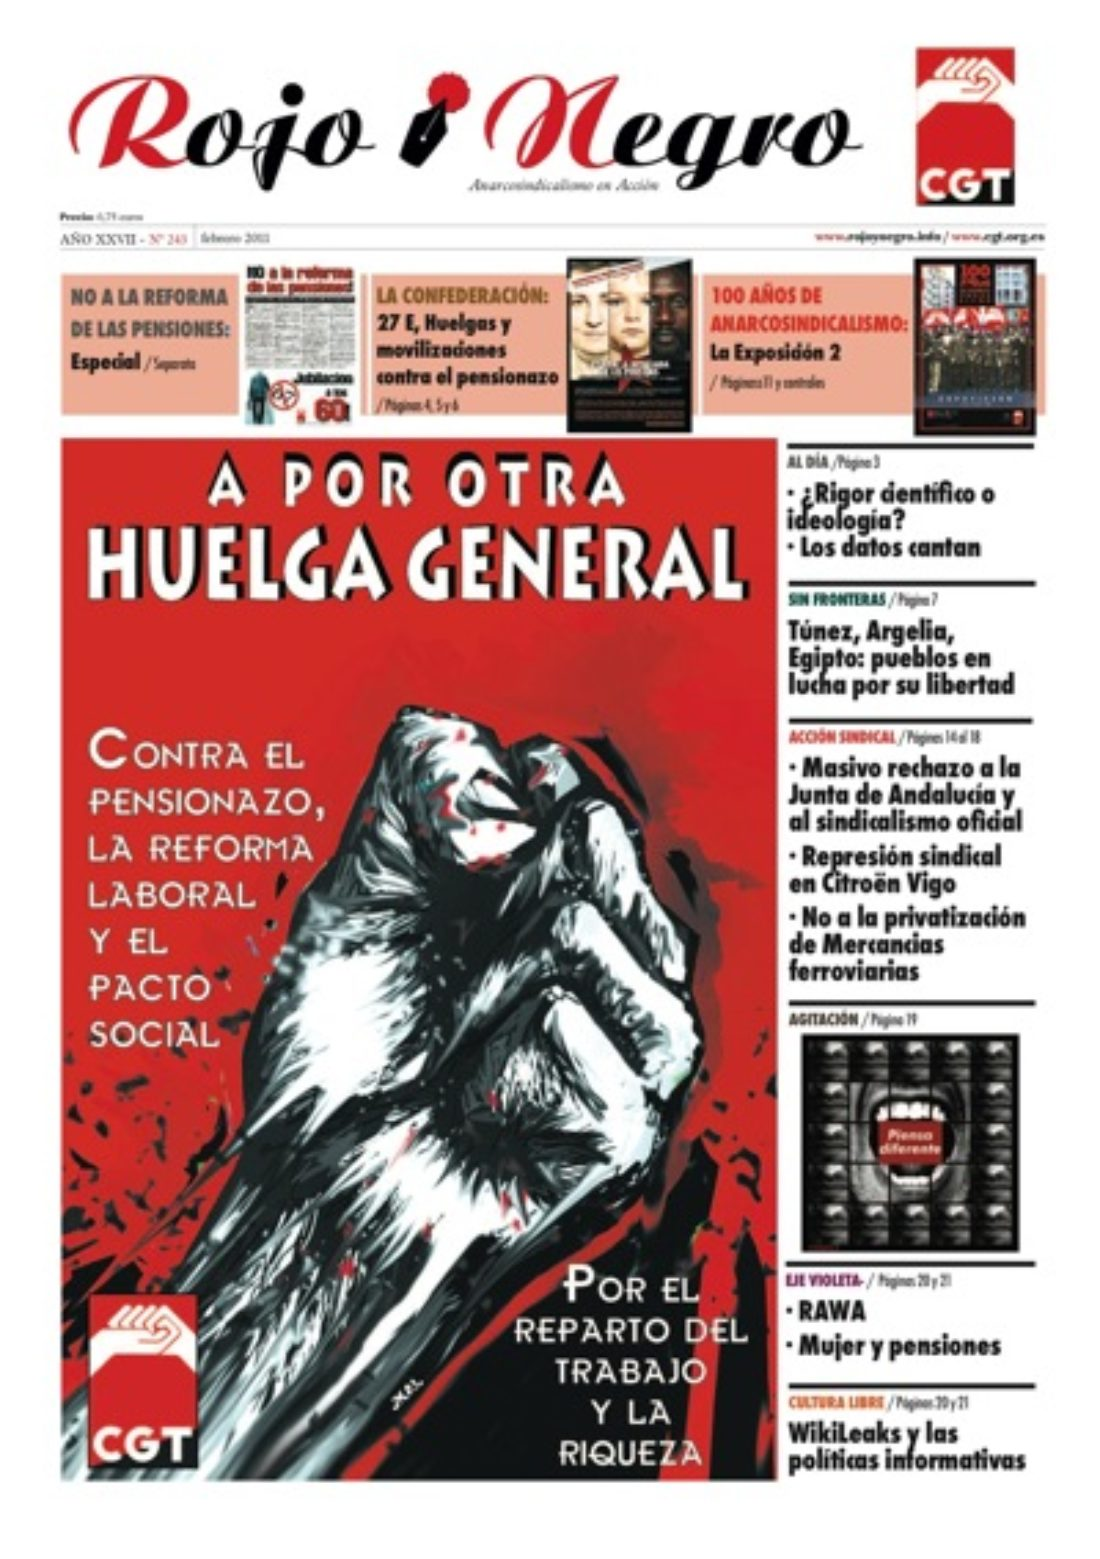 Rojo y Negro 243 – febrero 2011